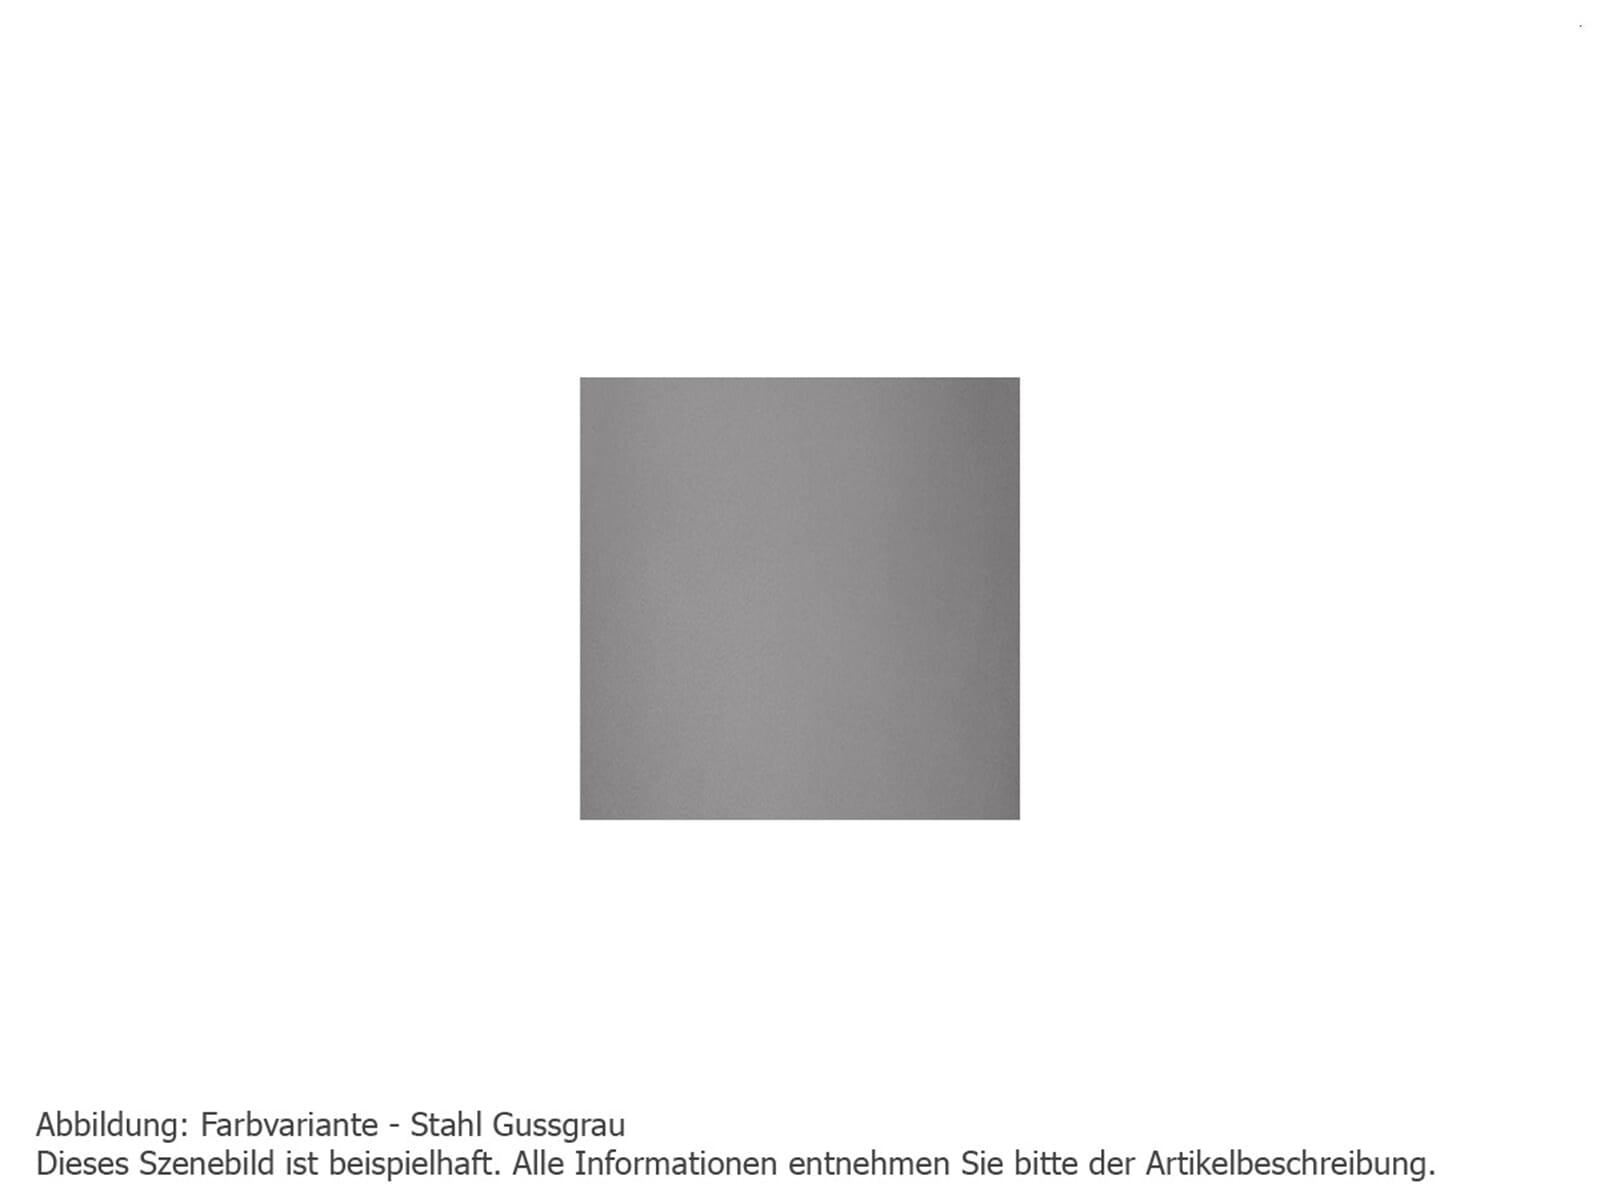 Justus Faro 4686 29 Kaminofen Stahl Gussgrau Abdeckplatte Speckstein